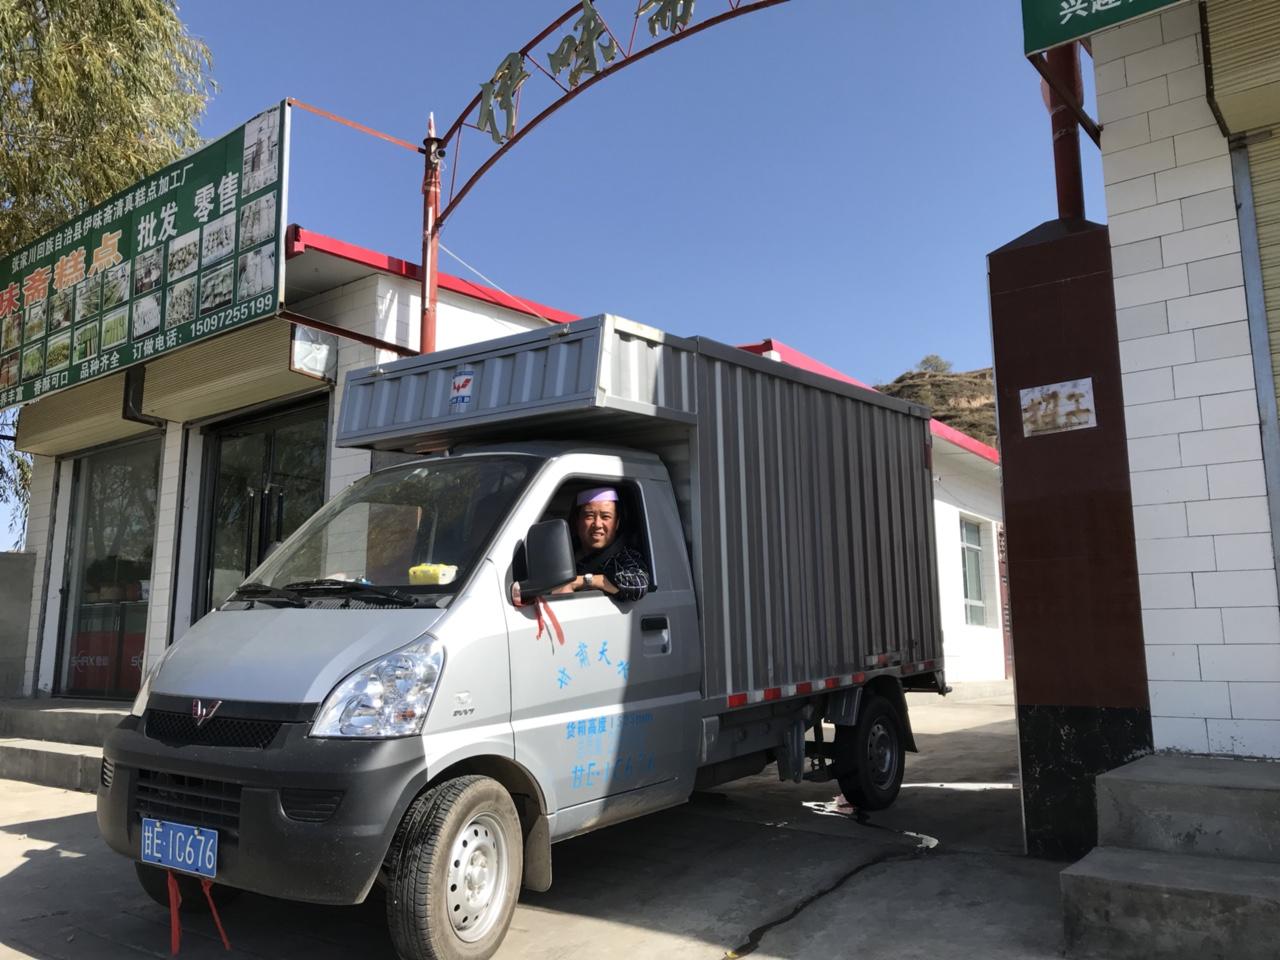 【民间高手】张家川老婆饼创始人杨小林和他的糕点王国